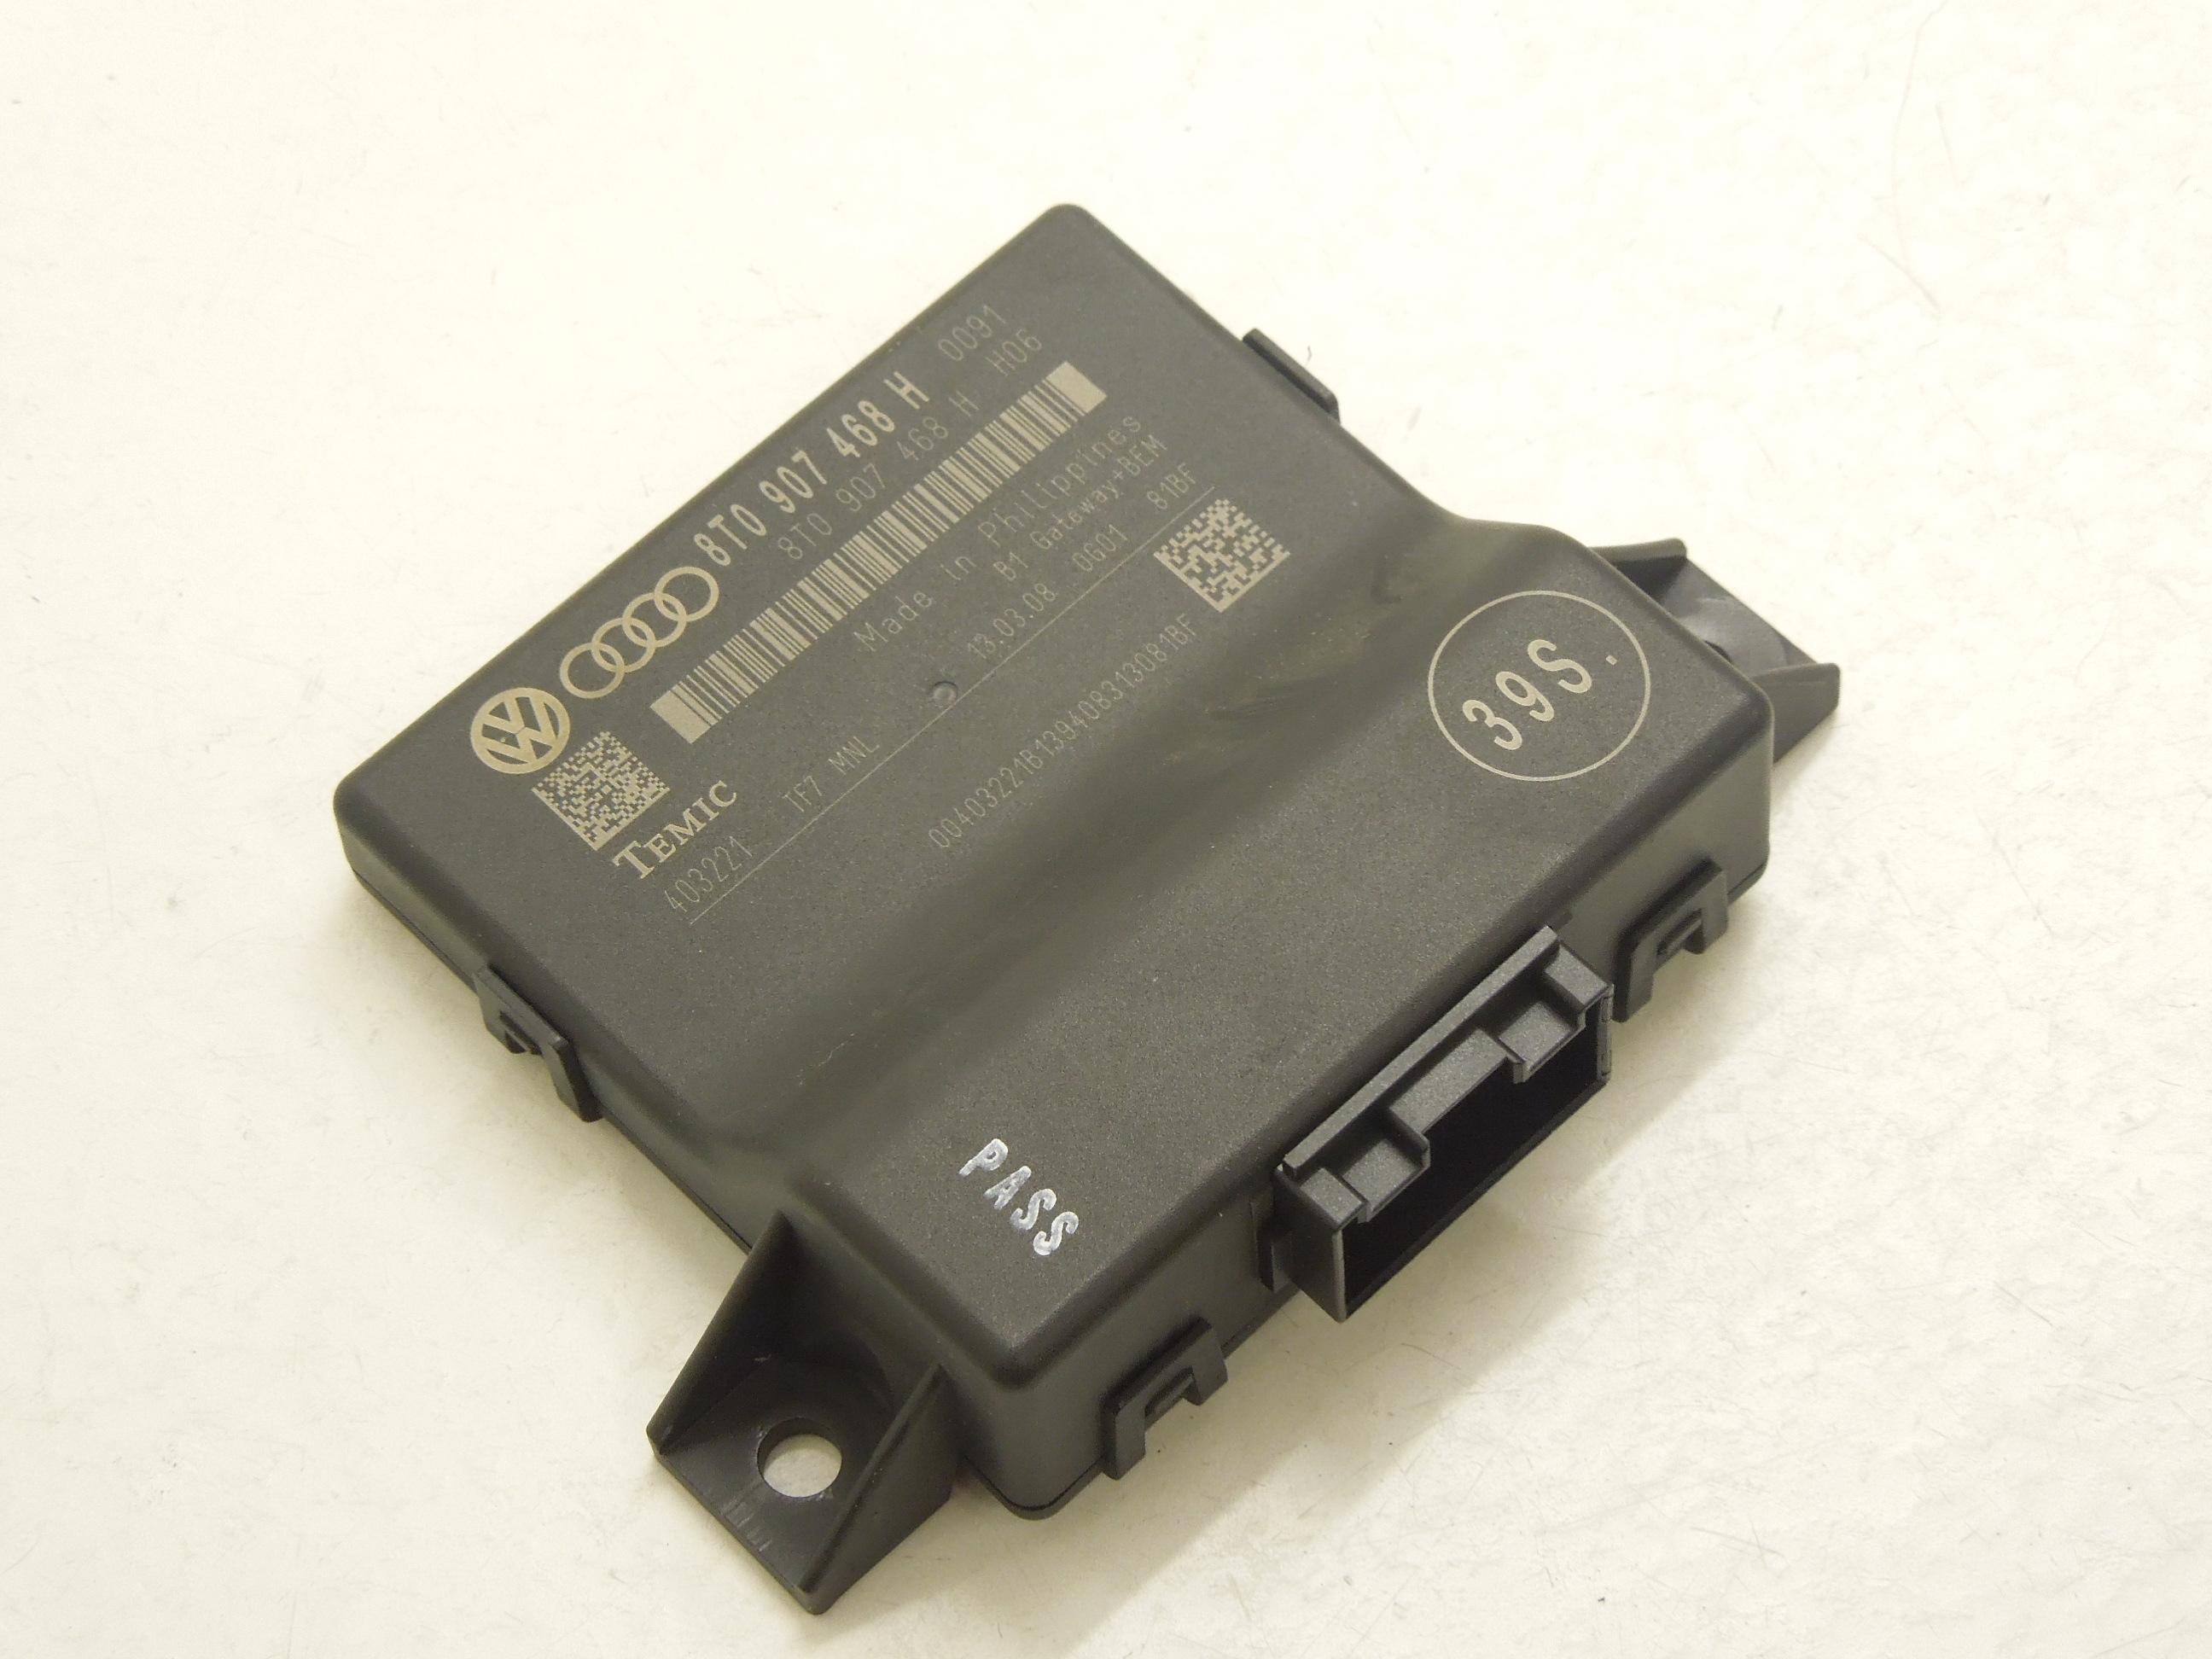 A5 8T DIAGNOSIS GATEWAY INTERFACE MODULE ECU 8T0907468AB 2010-2011 AUDI A4 B8